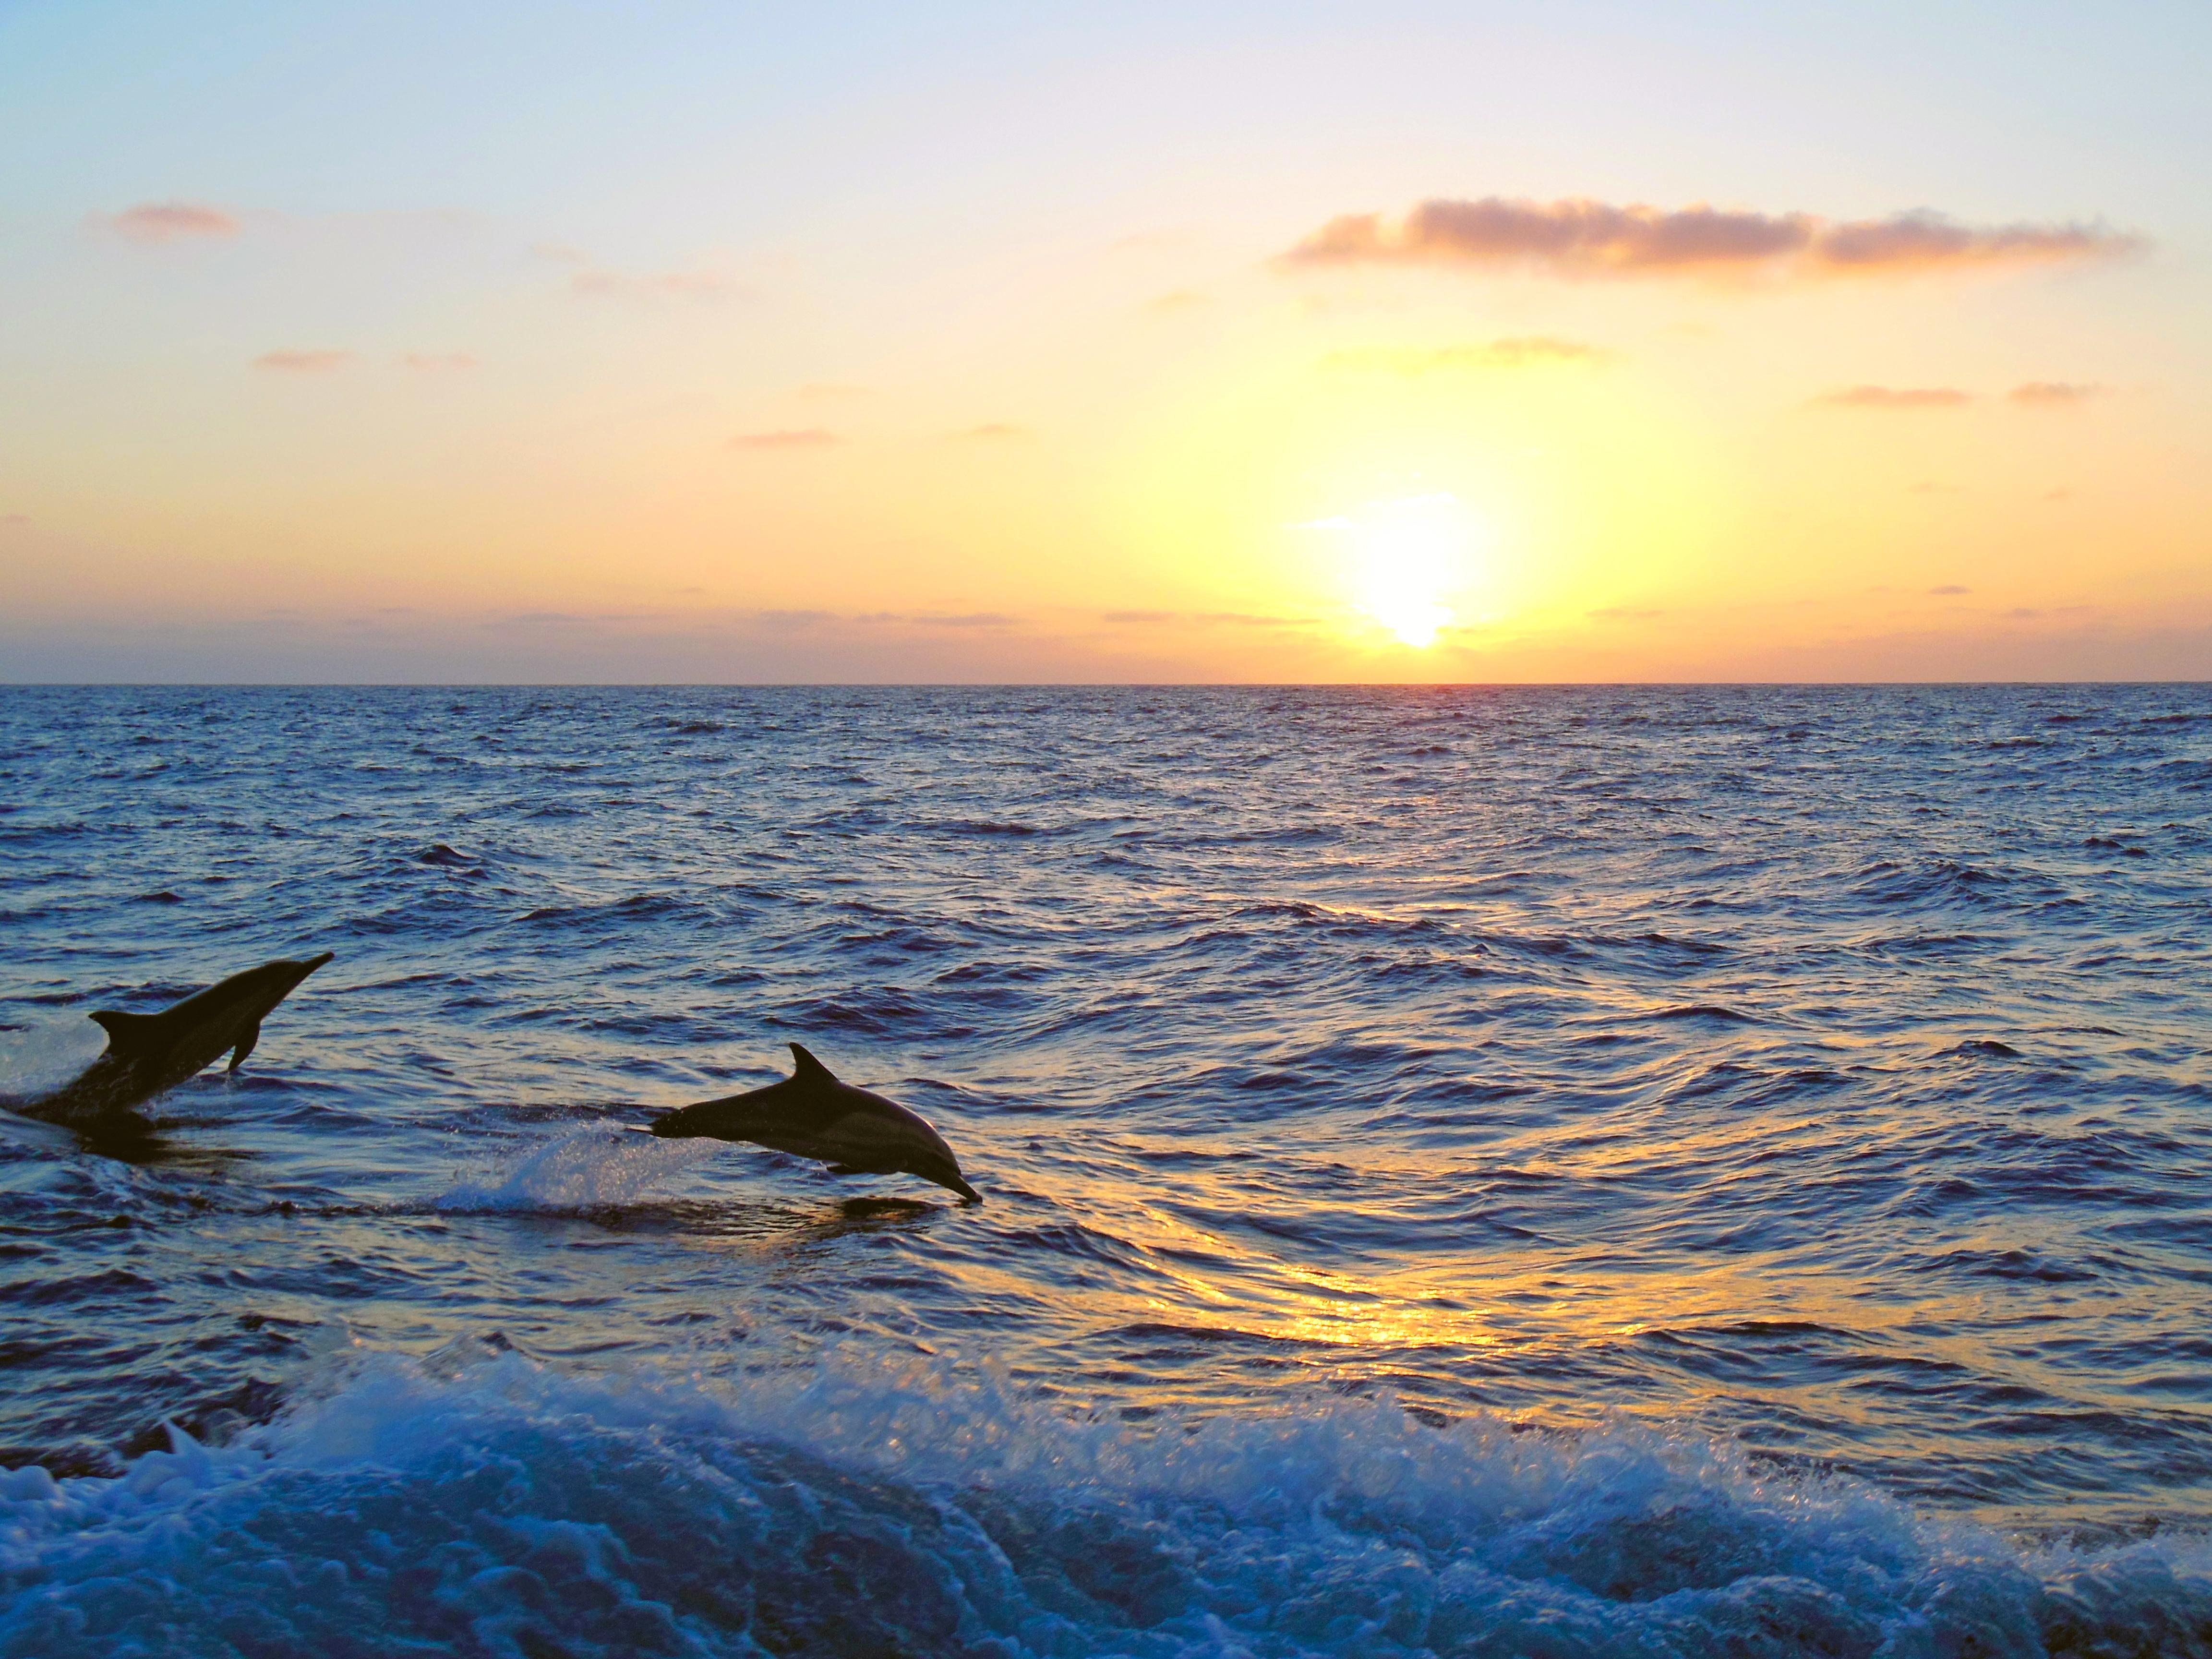 картинки дельфины море солнце нем